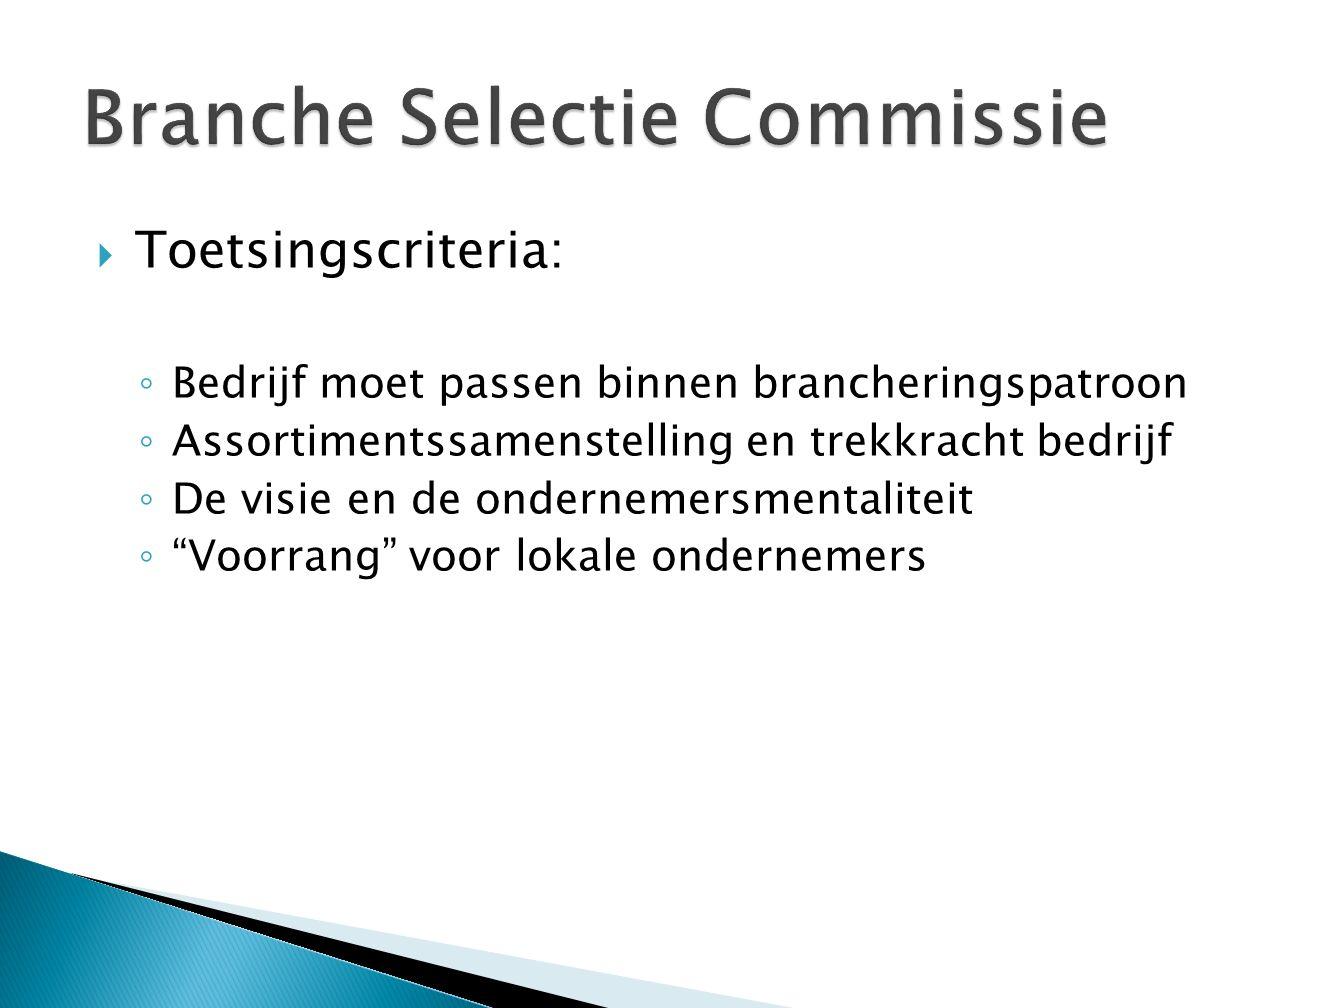  Ambtelijk vertegenwoordiger gemeente, tevens voorzitter (Bart Mennens)  Vertegenwoordiger van Hurks Vastgoed Zuid BV (Cees Geerts)  Vertegenwoordiger van het Hoofdbedrijfschap Detailhandel (Erik Reubsaet)  Secretariaat door een vertegenwoordiger van Hurks (Henrie Coumans)